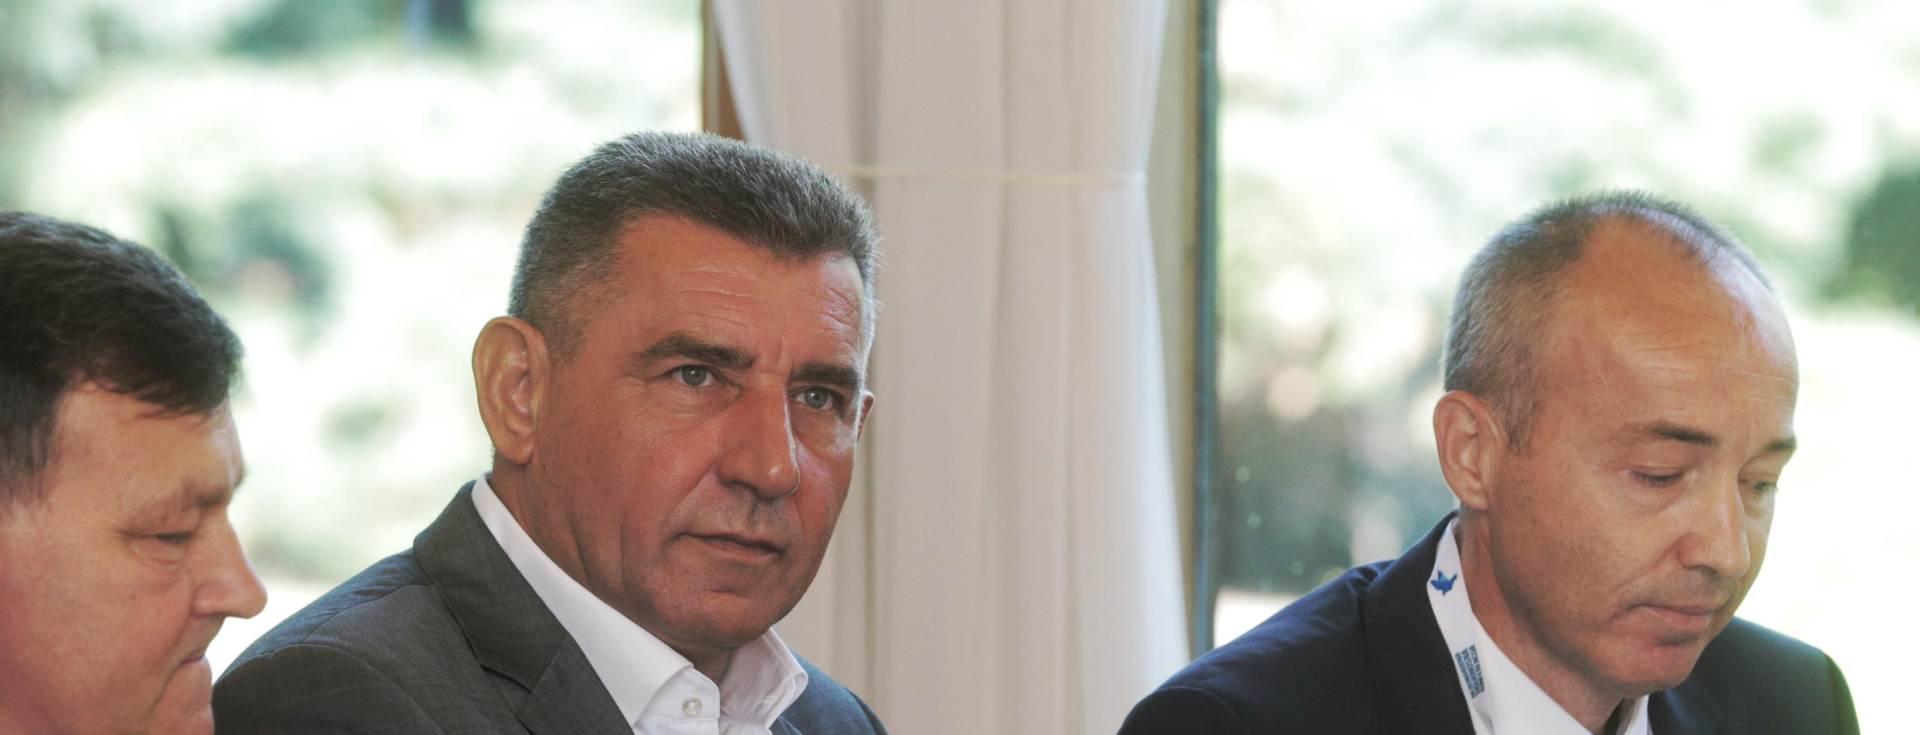 ULAZAK U POLITIKU: General Gotovina posebni savjetnik ministra Krstičevića